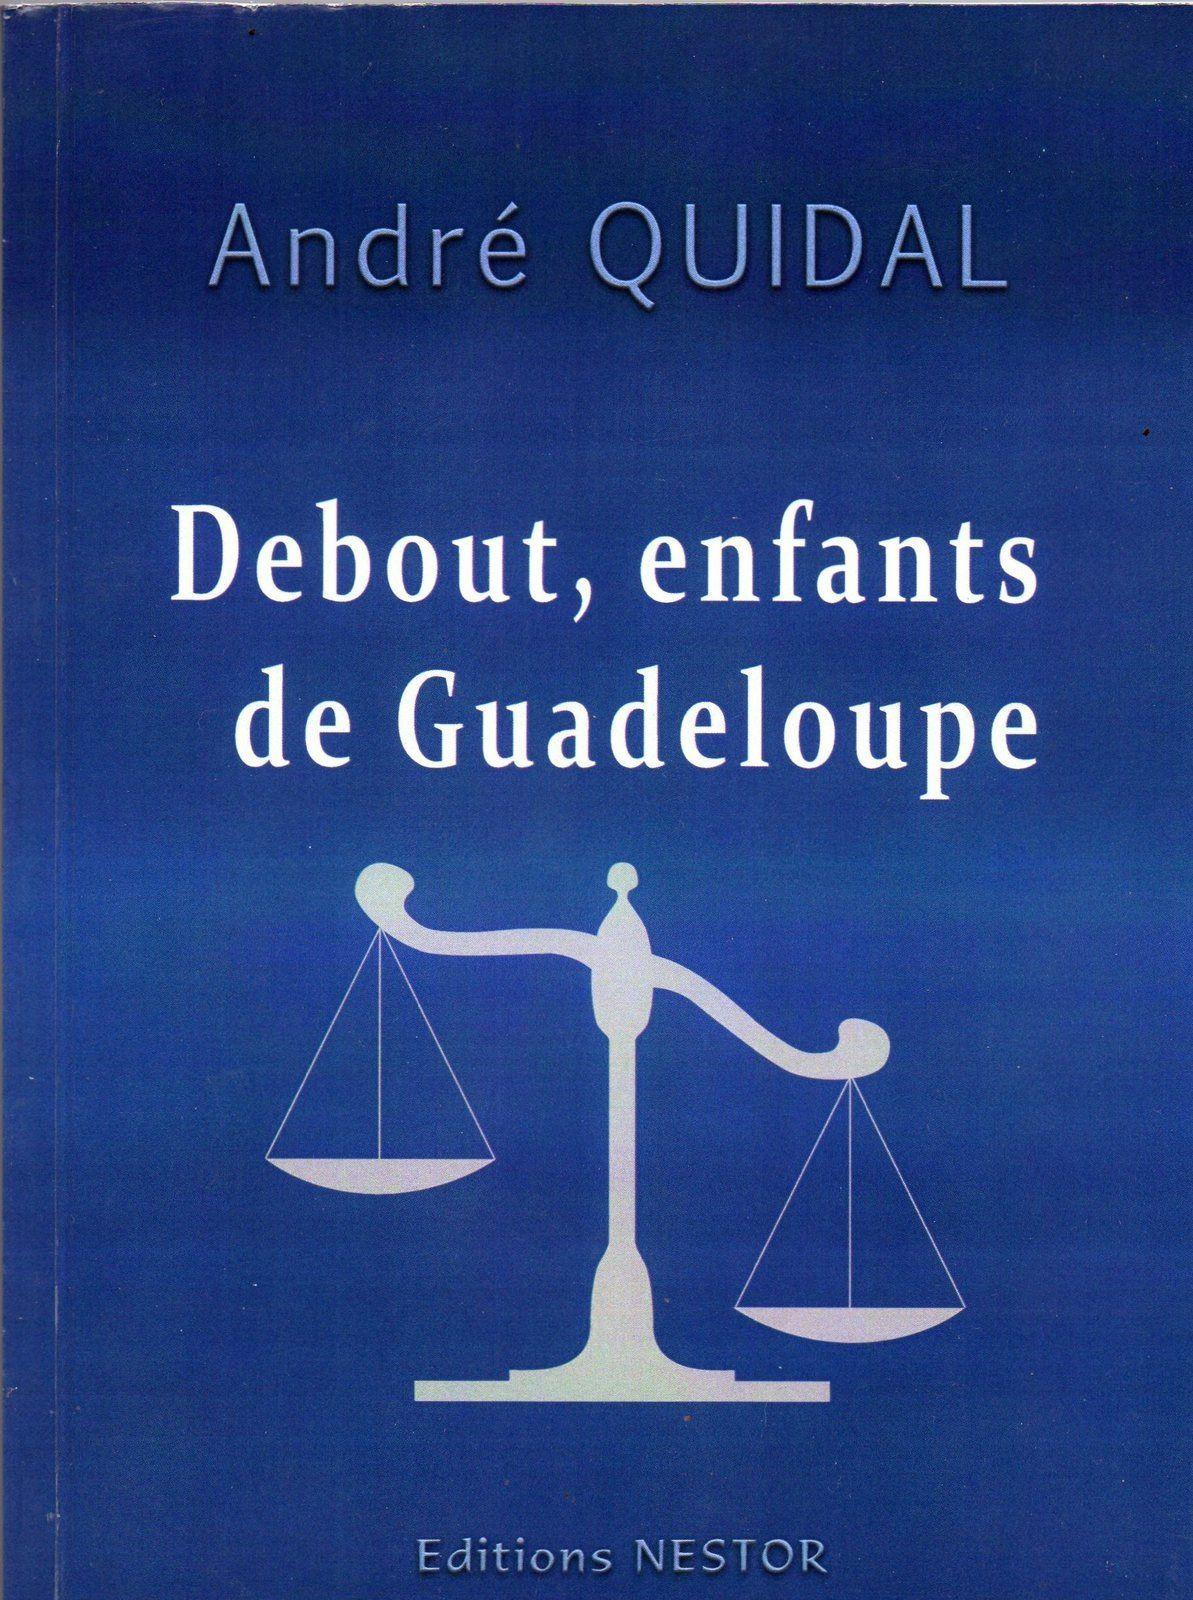 Le cri du coeur d'André Quidal.